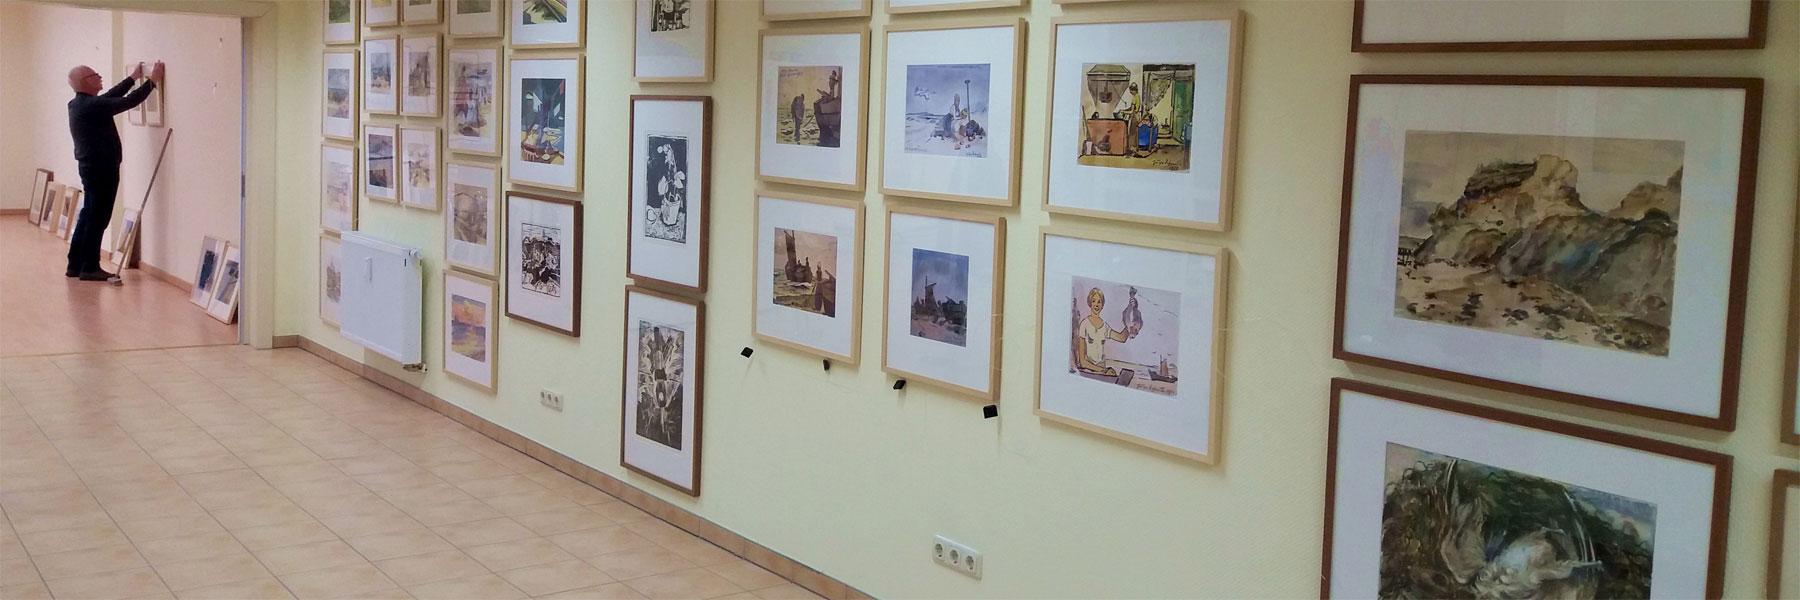 Galerie - Koserower Kunstsalon